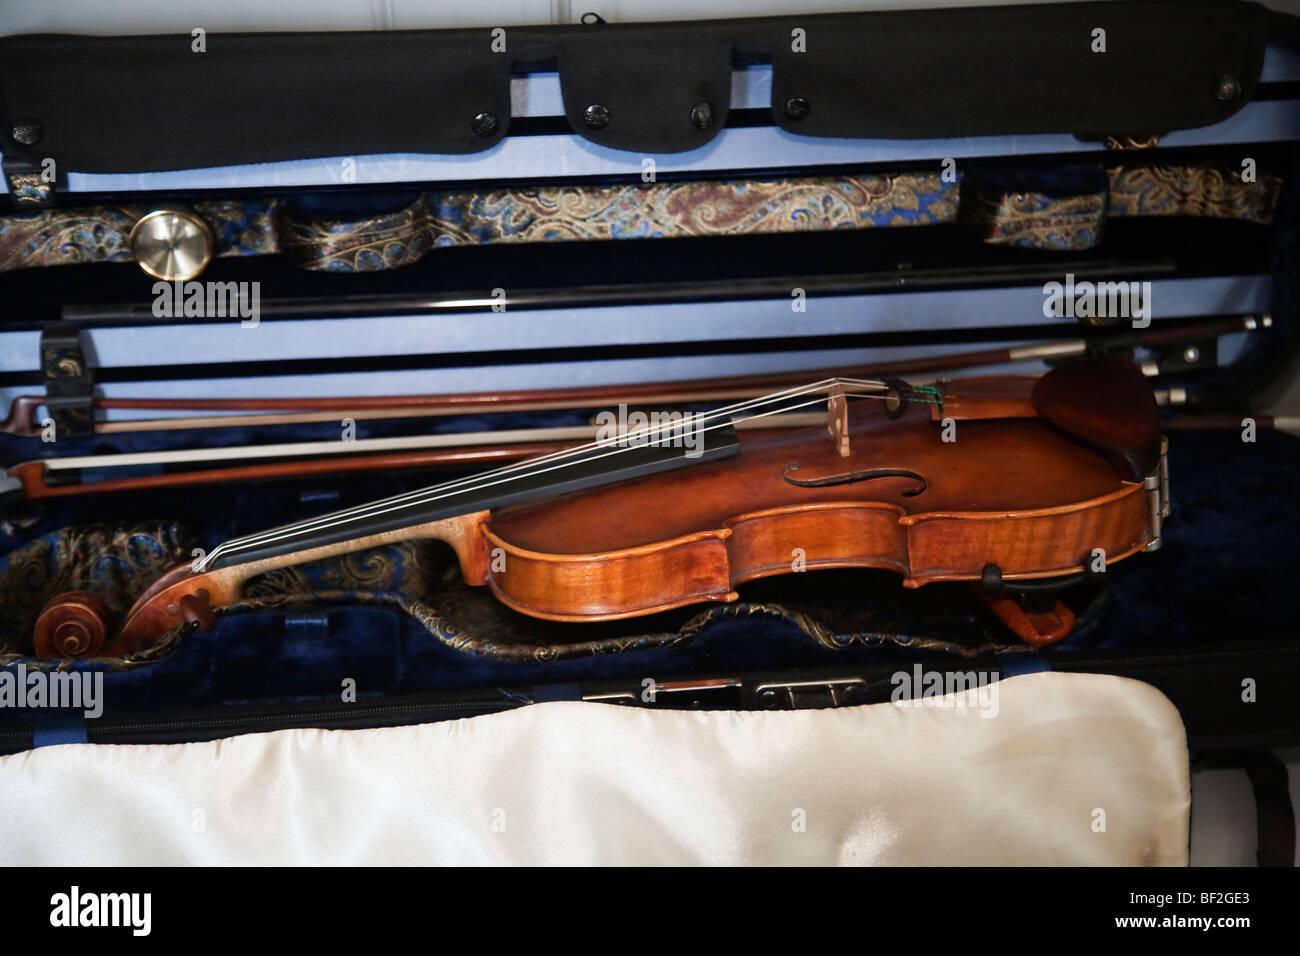 Gli strumenti a corda Strumenti musicali violino di prua bow Foto Stock